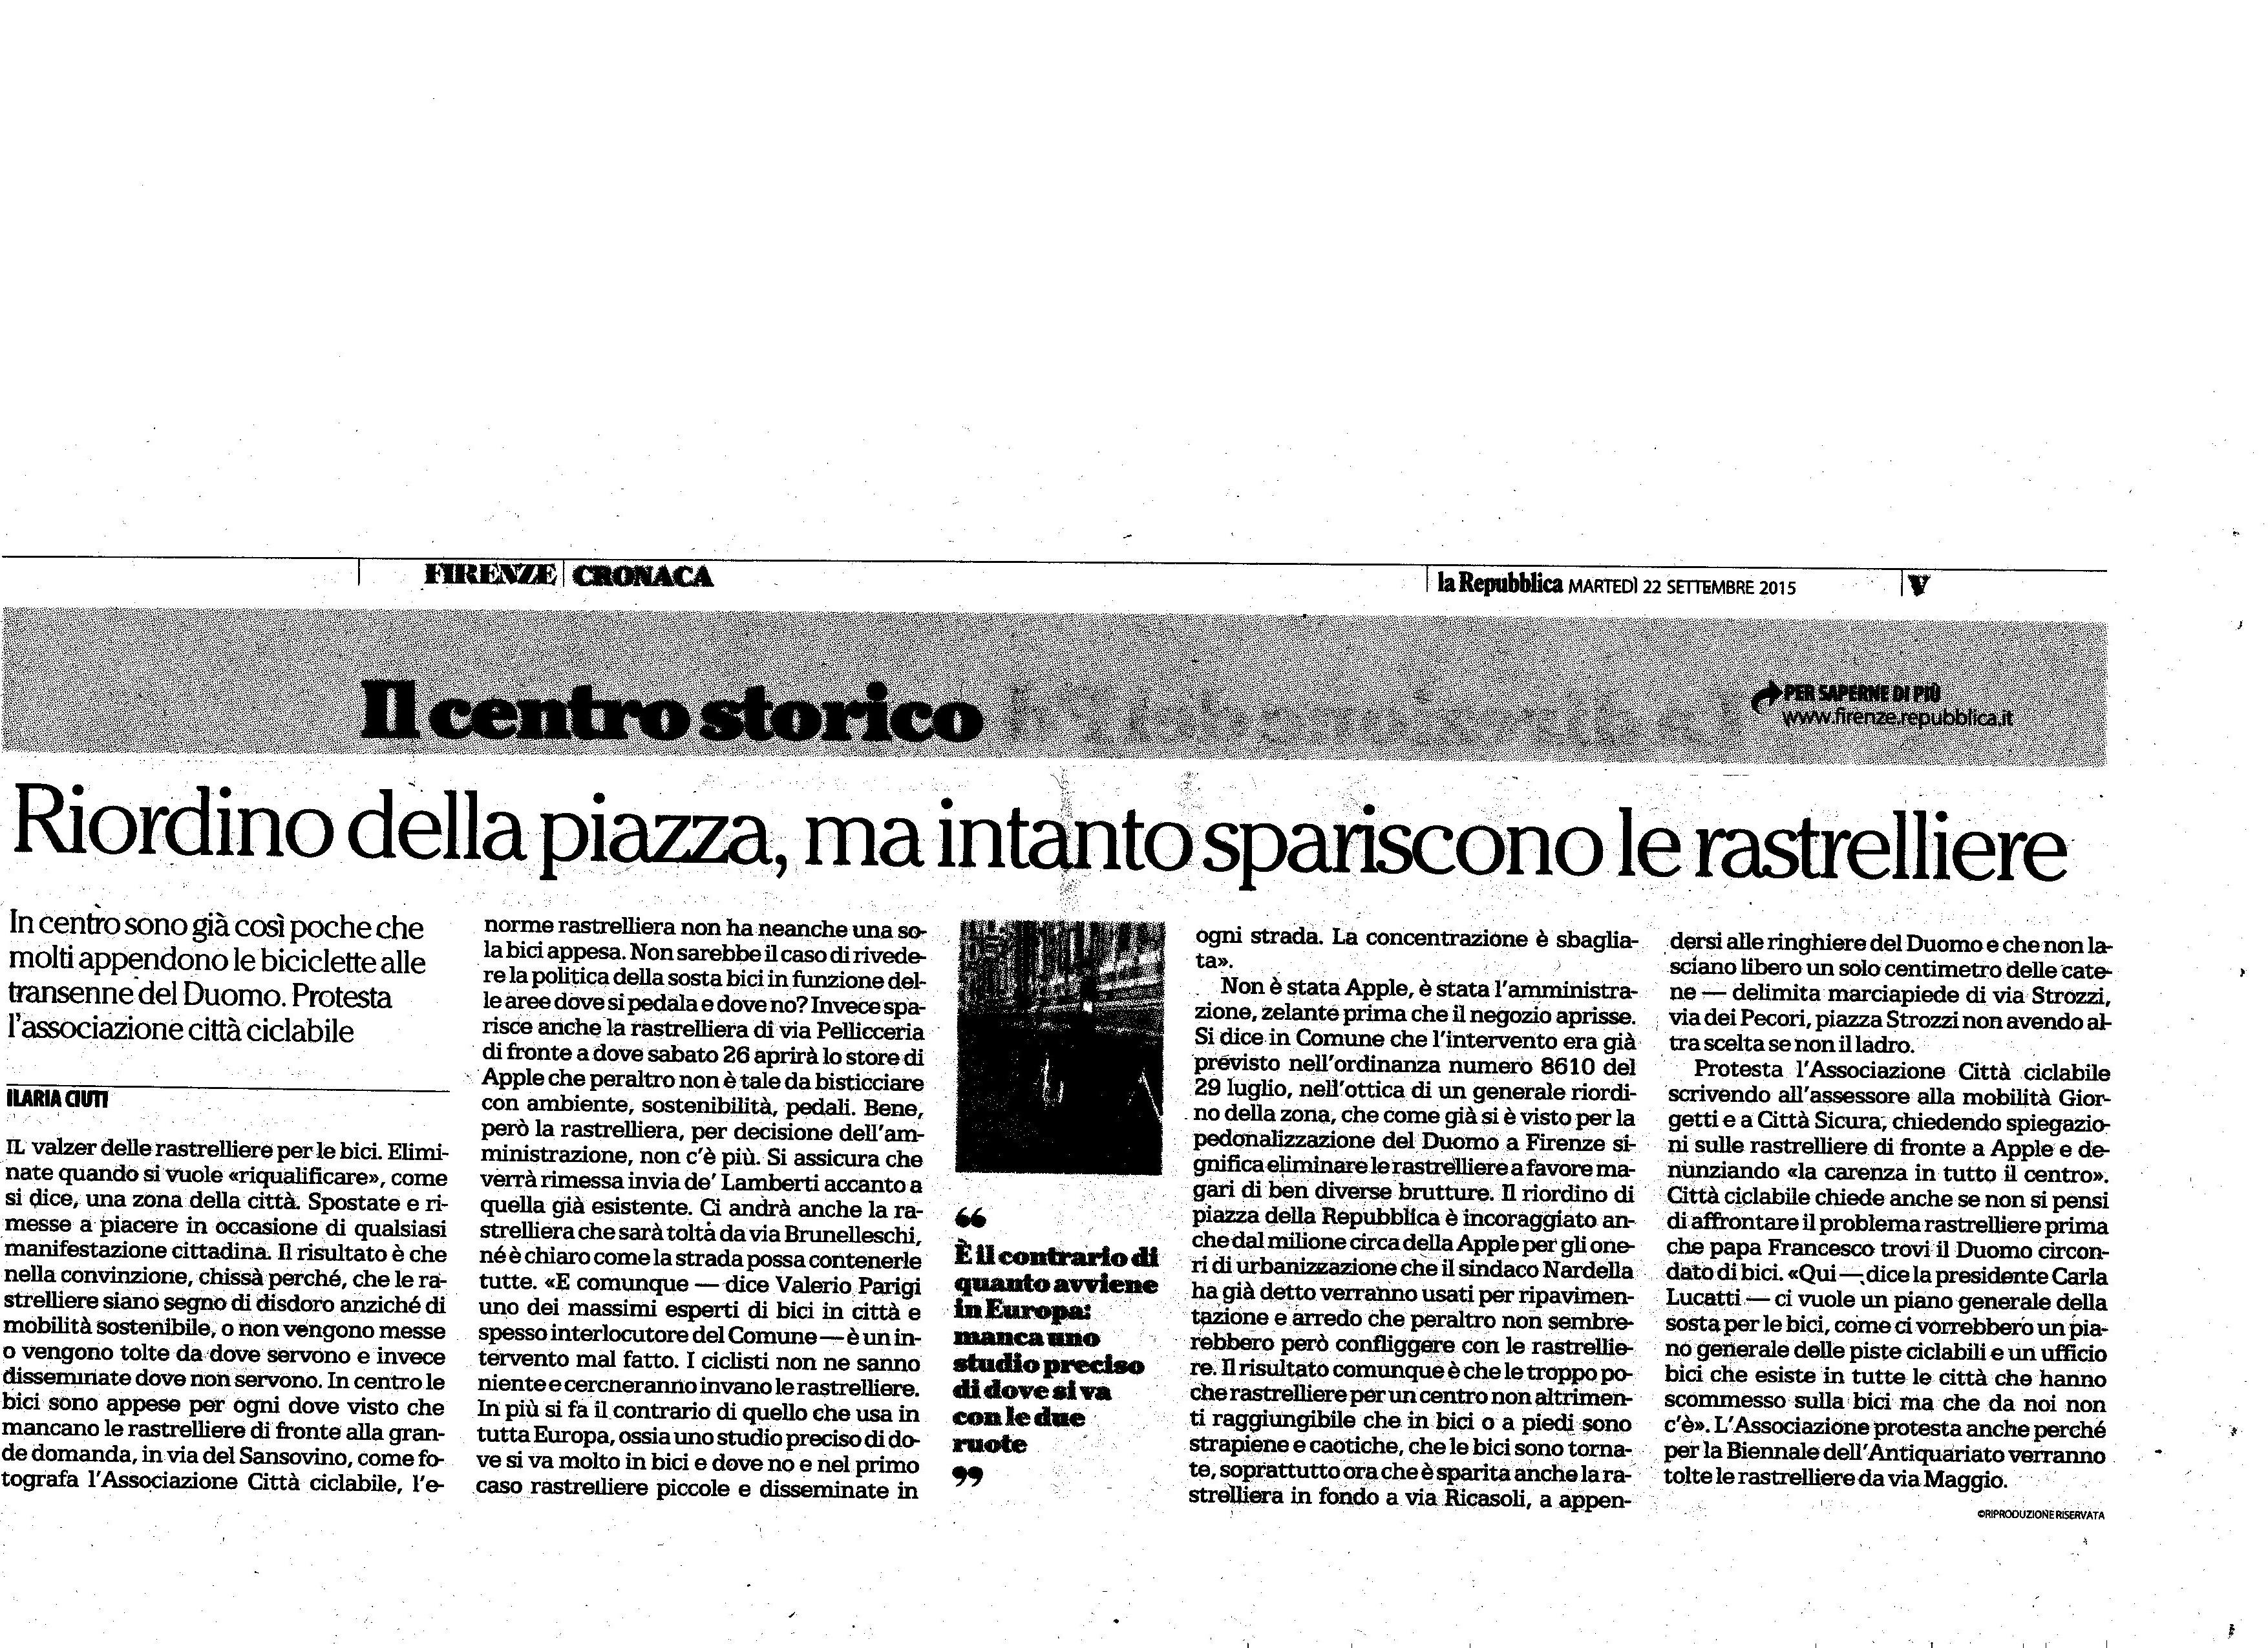 La Repubblica 22Sett.15